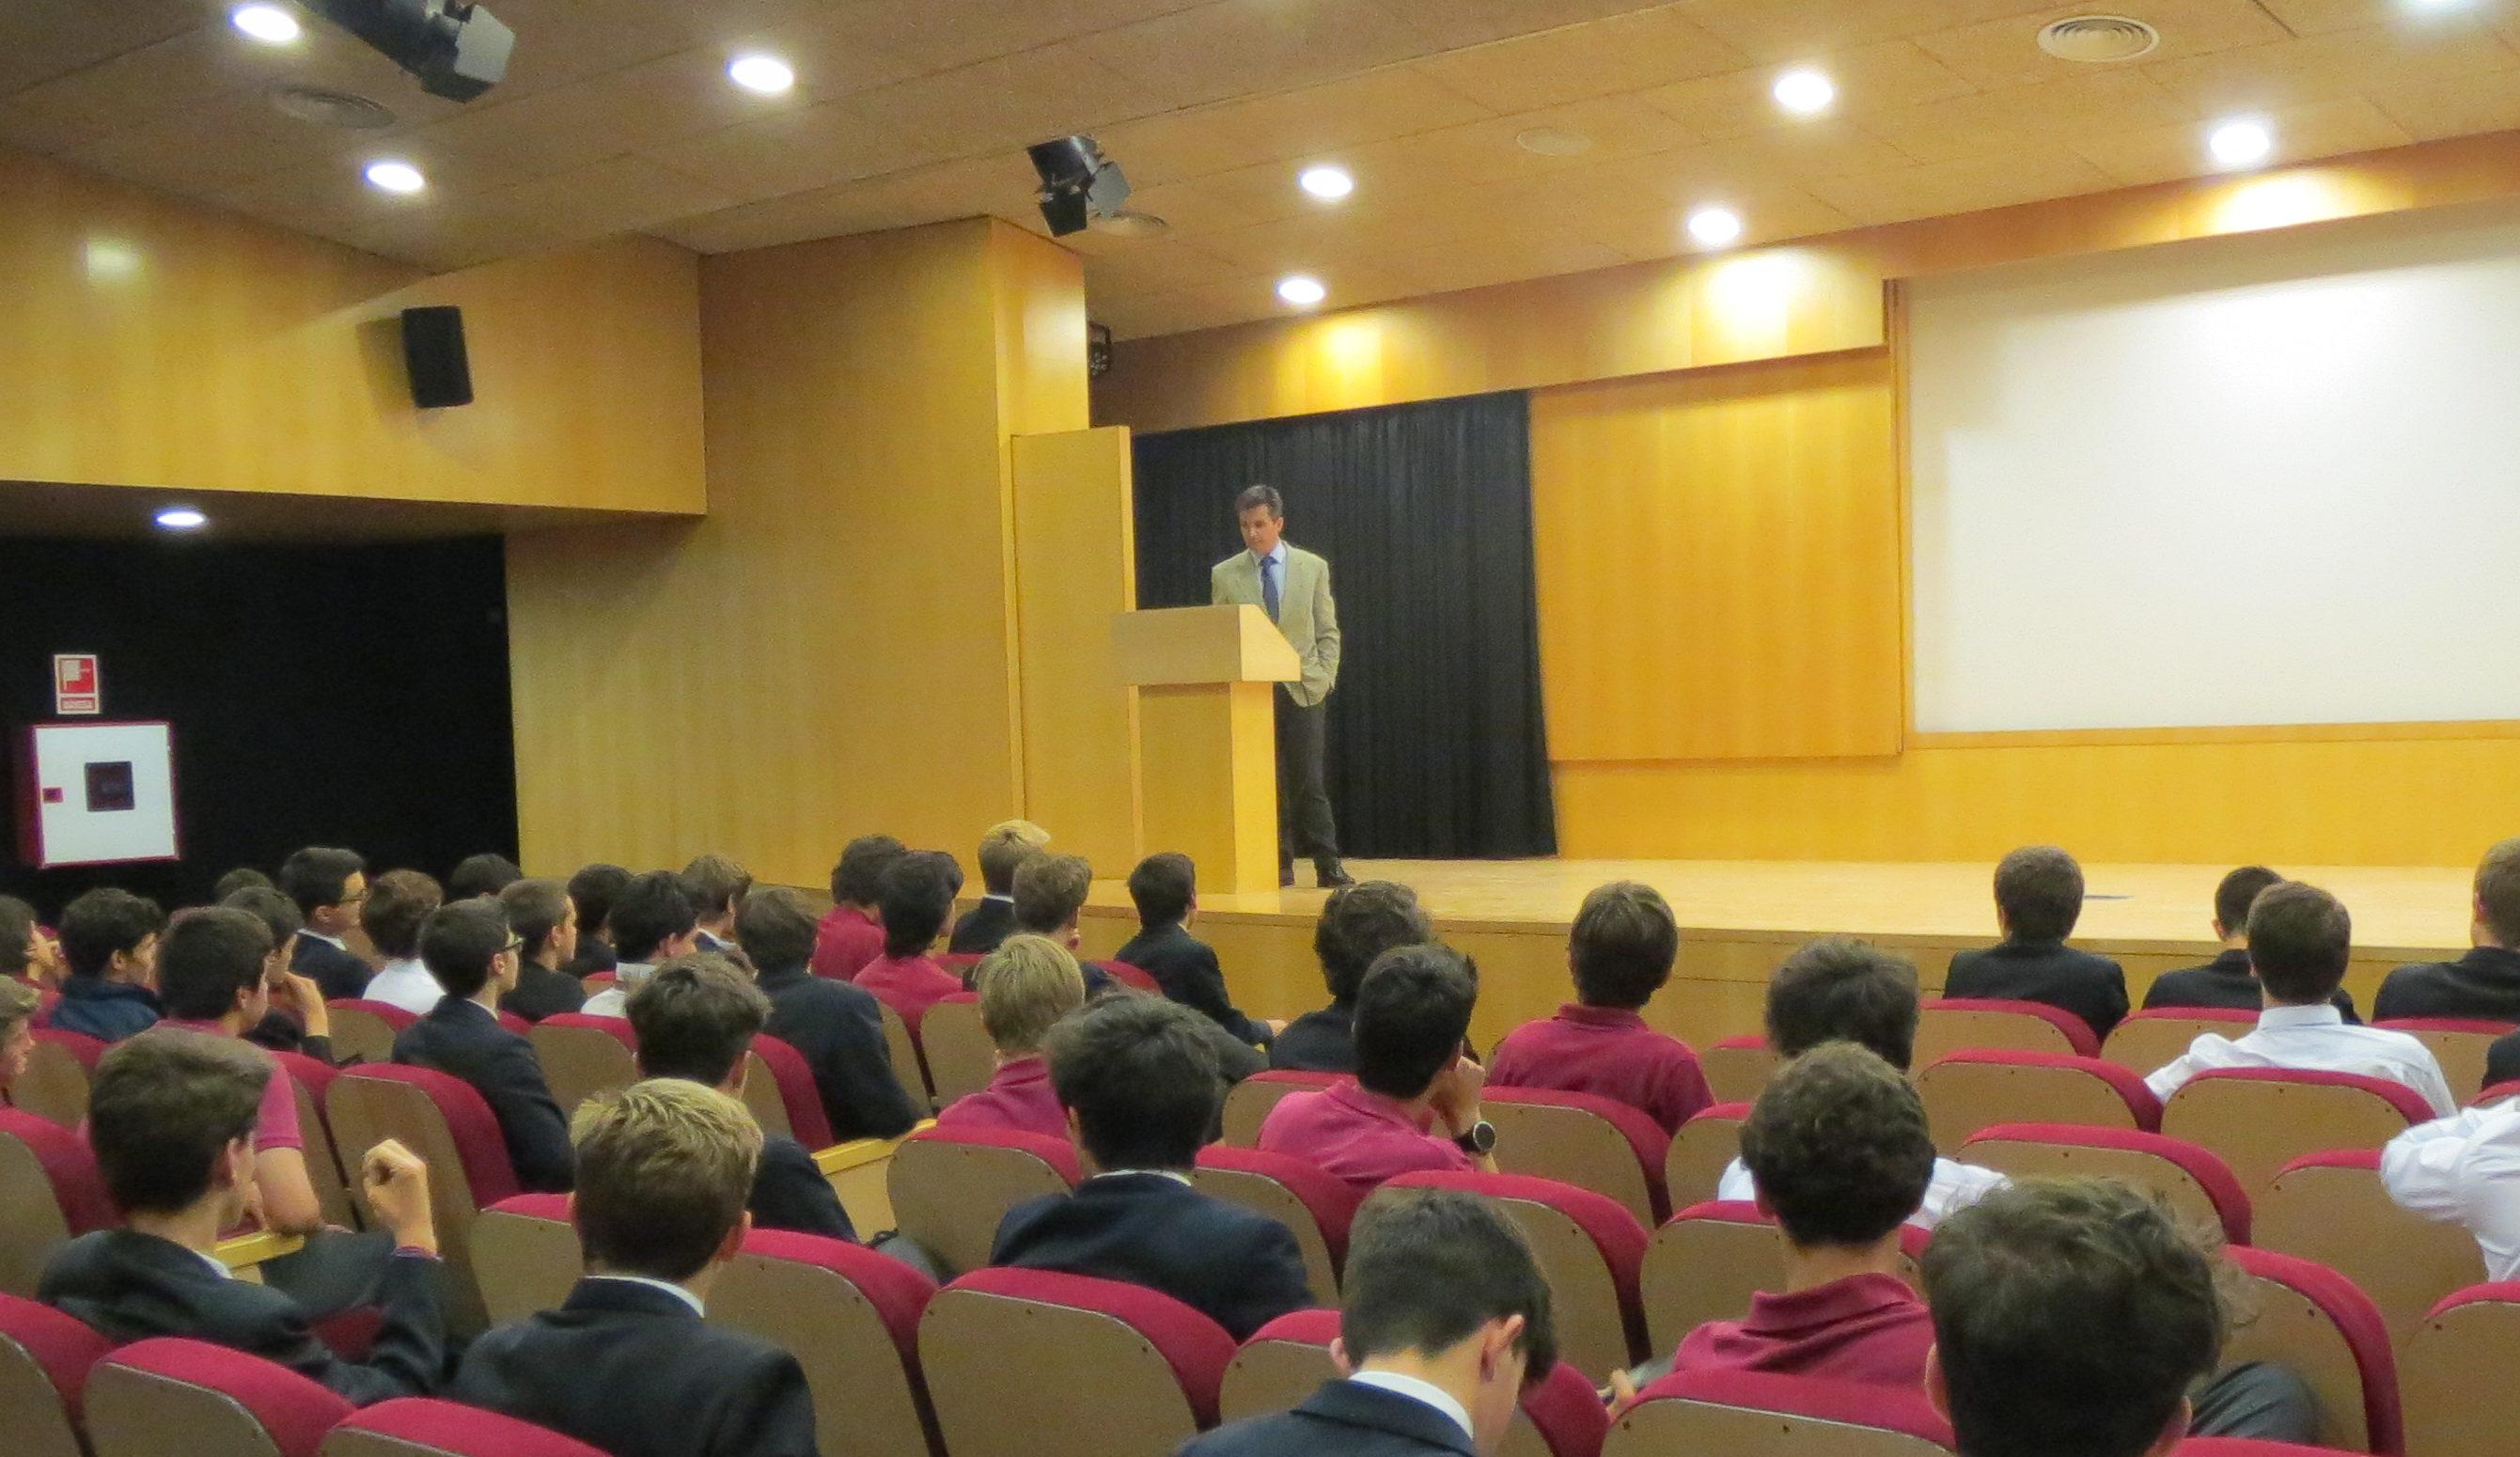 Conference by Dr. Jaime Pérez Esquerdo